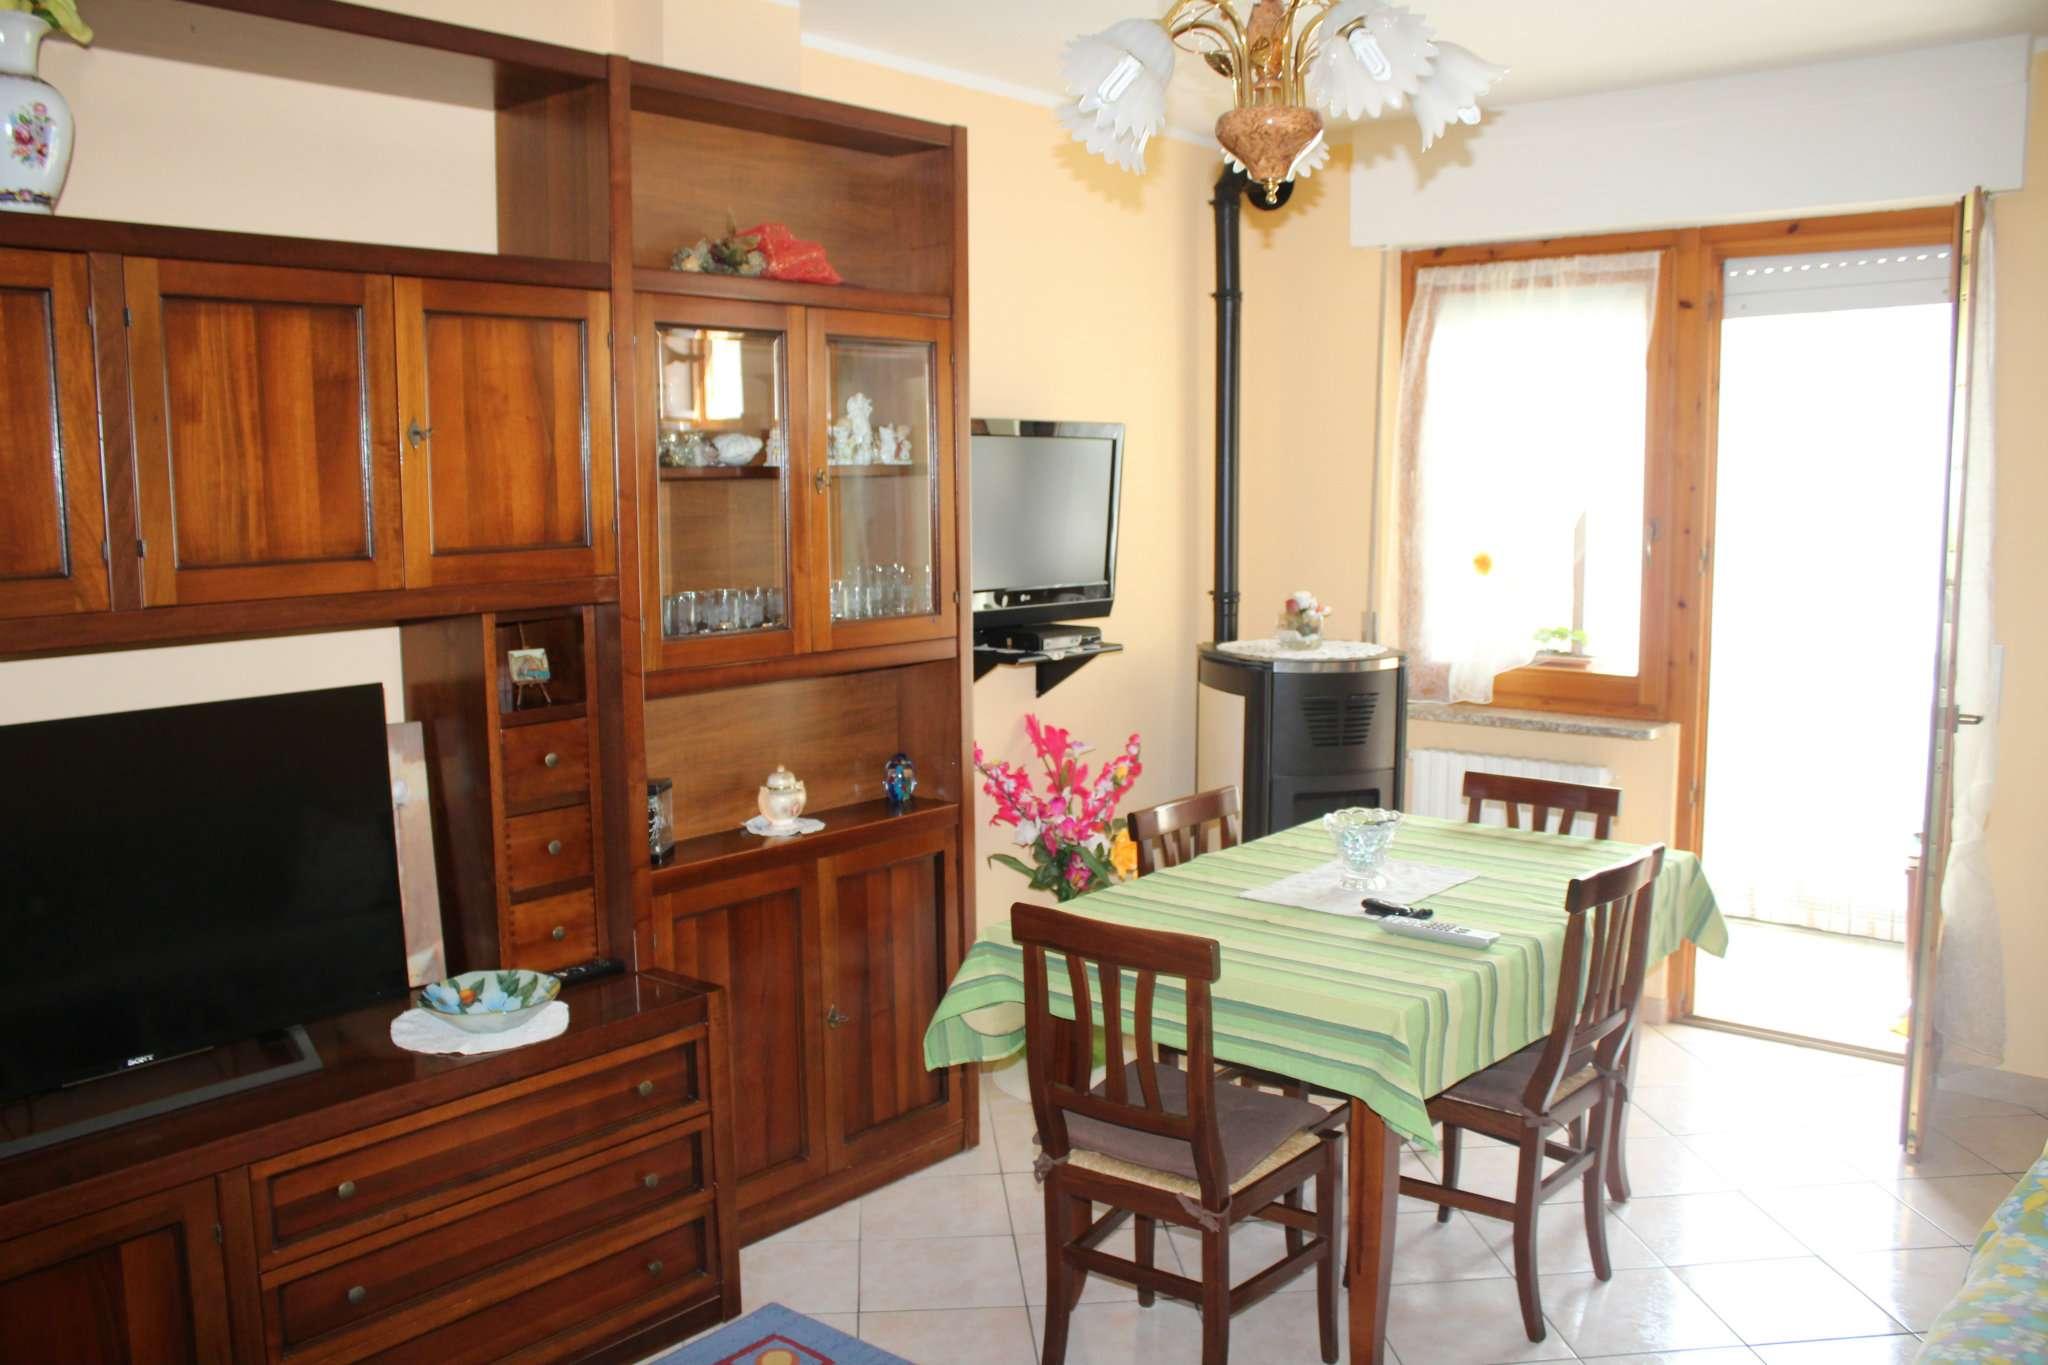 Appartamento in vendita a Niella Tanaro, 2 locali, prezzo € 55.000 | CambioCasa.it